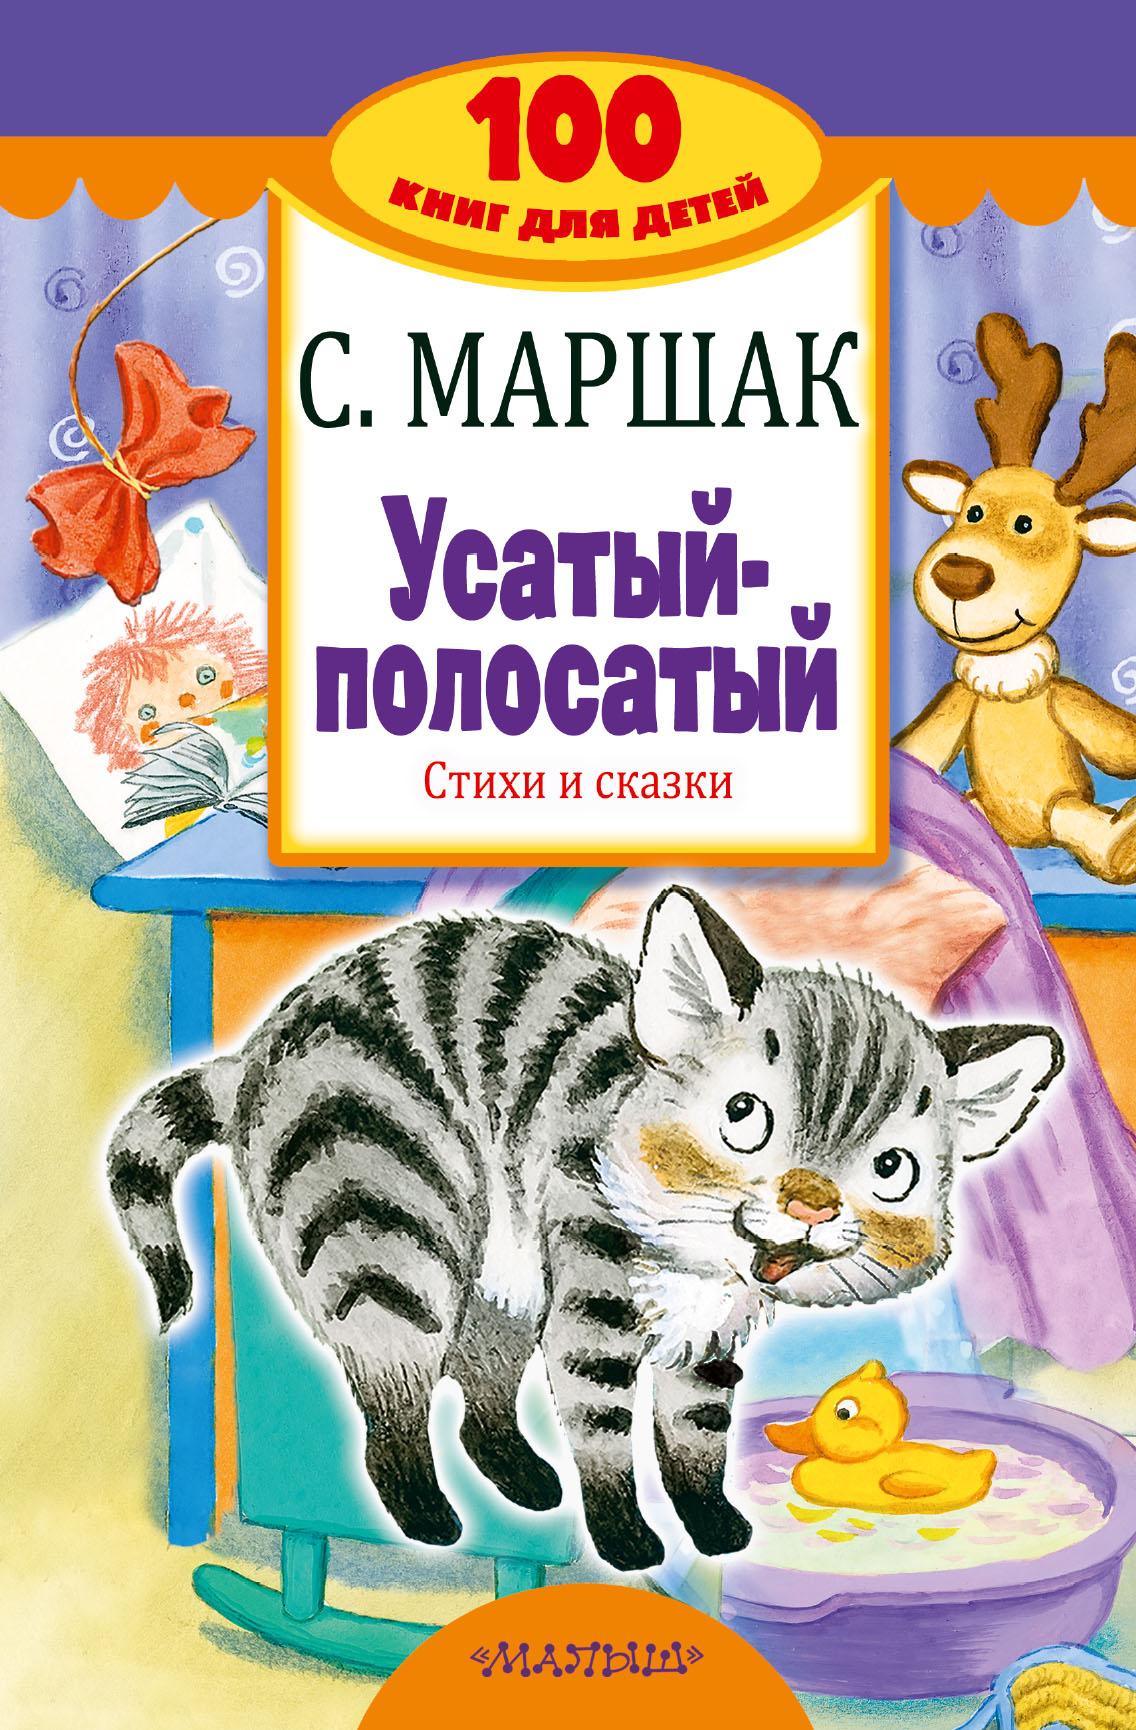 С. Маршак Усатый-полосатый. Стихи и сказки все цены